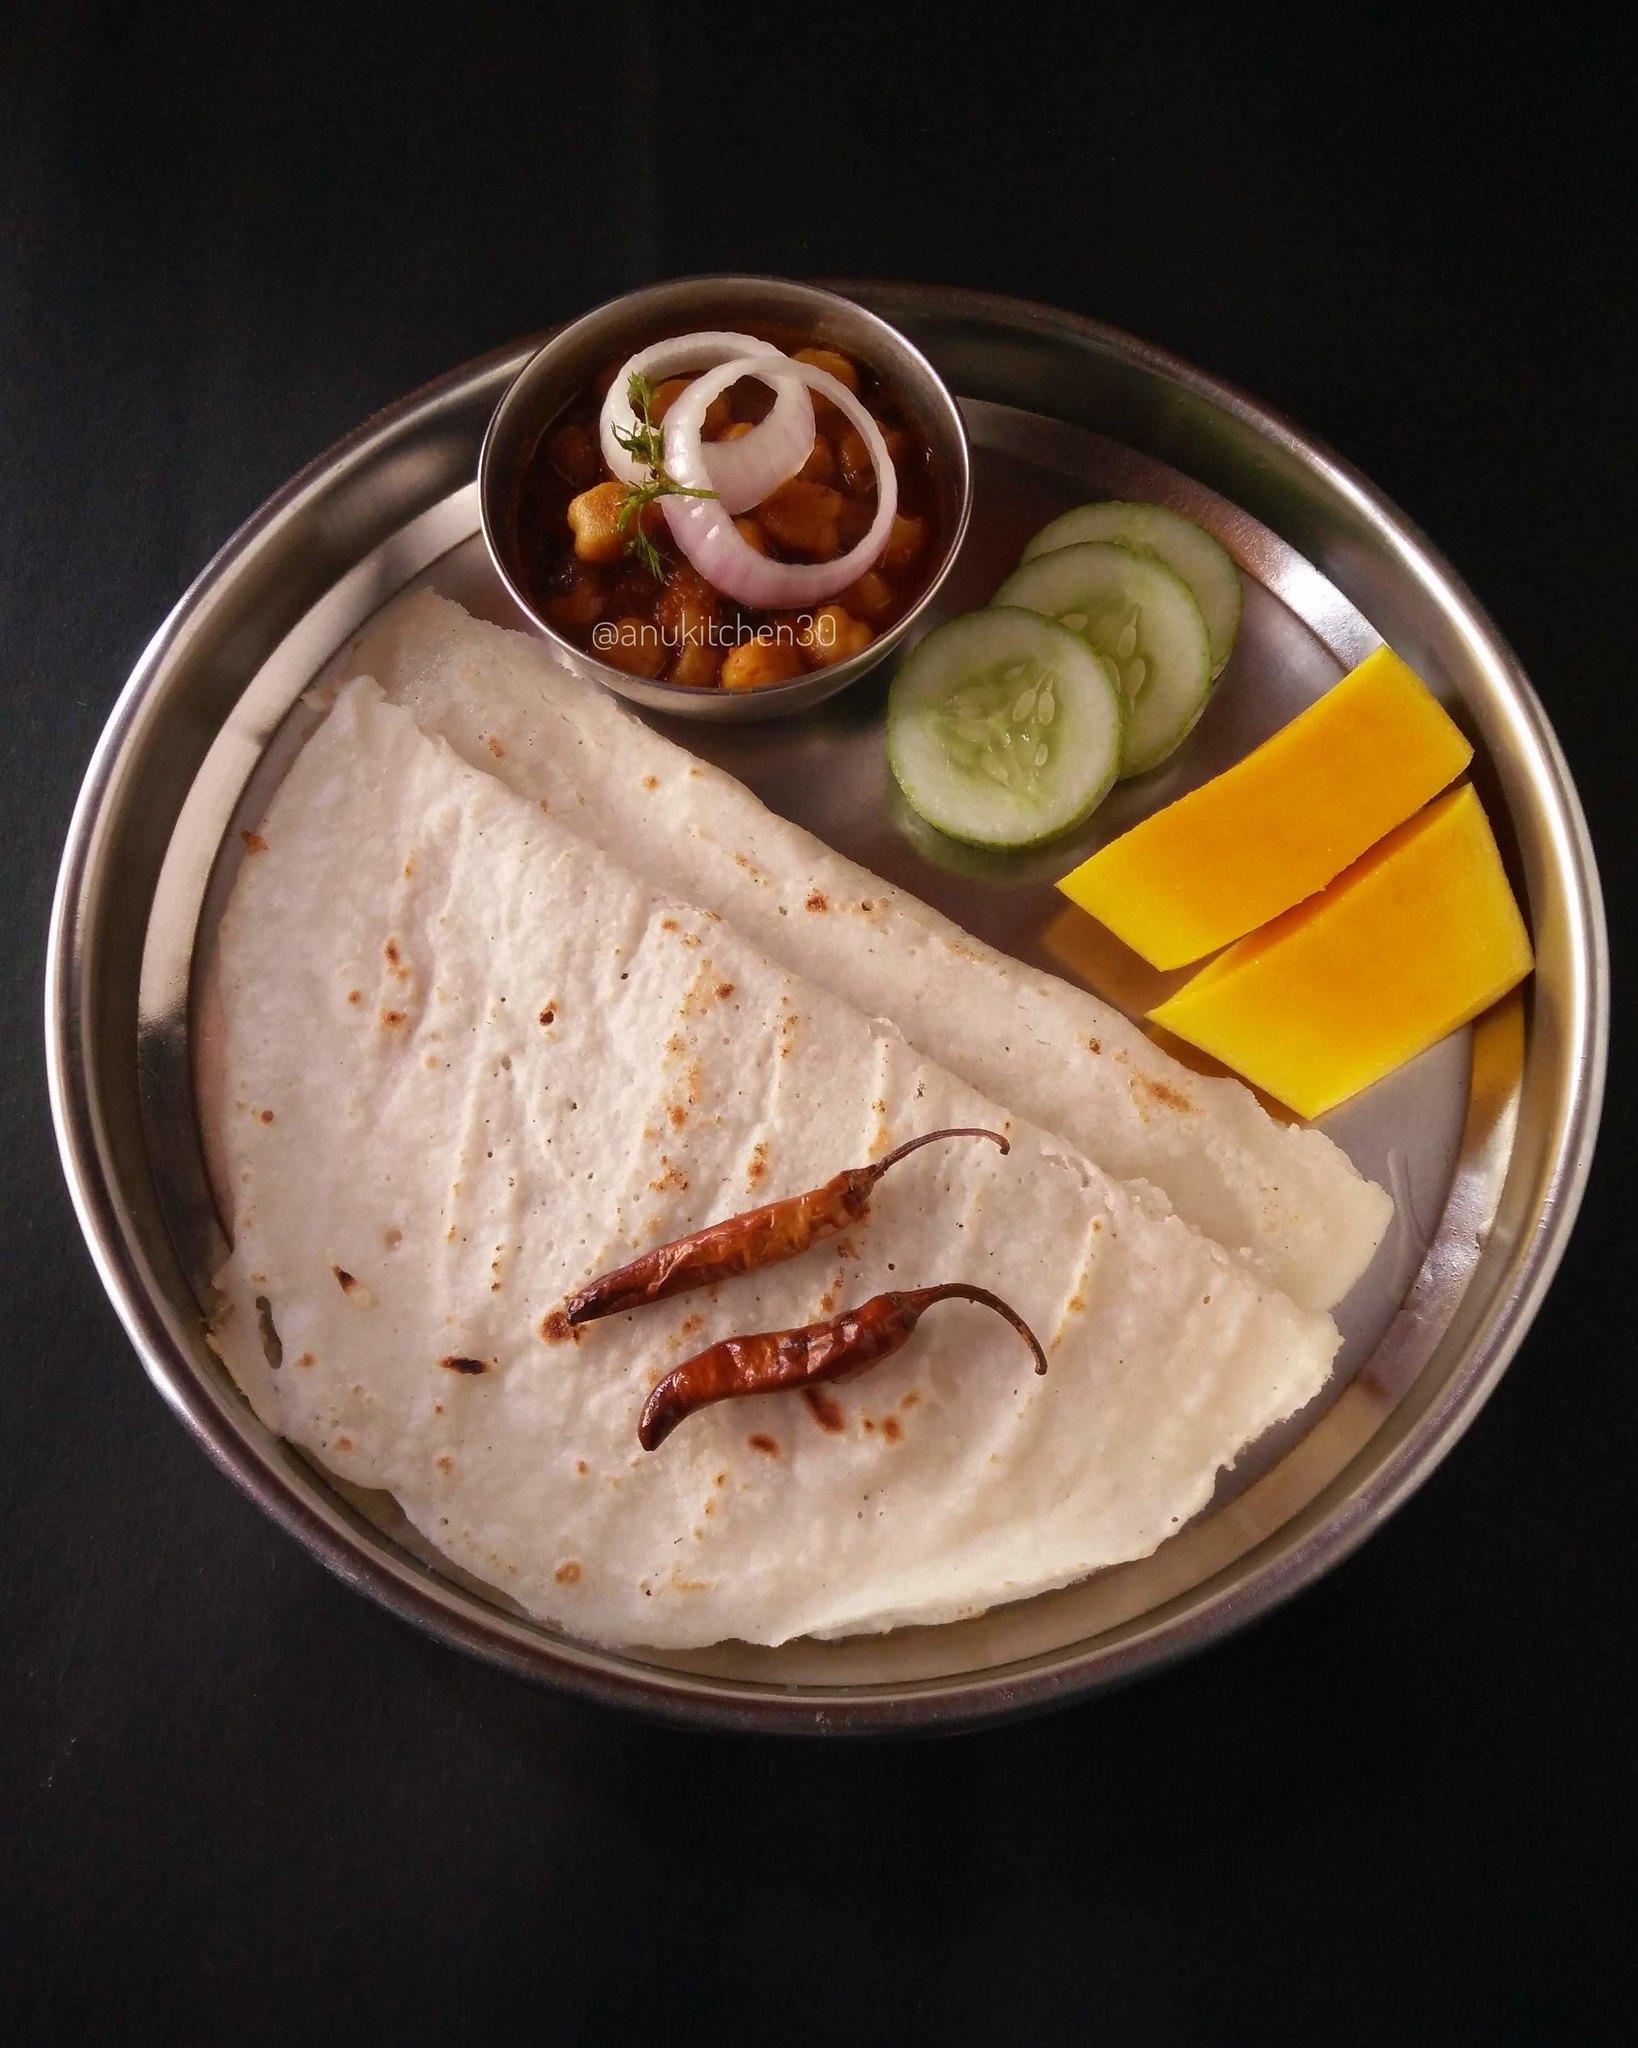 ಅಕ್ಕಿ ರೊಟ್ಟಿ ಮತ್ತು ಚನ್ನ ಮಸಾಲ | Akki Rotti & Channa Masala